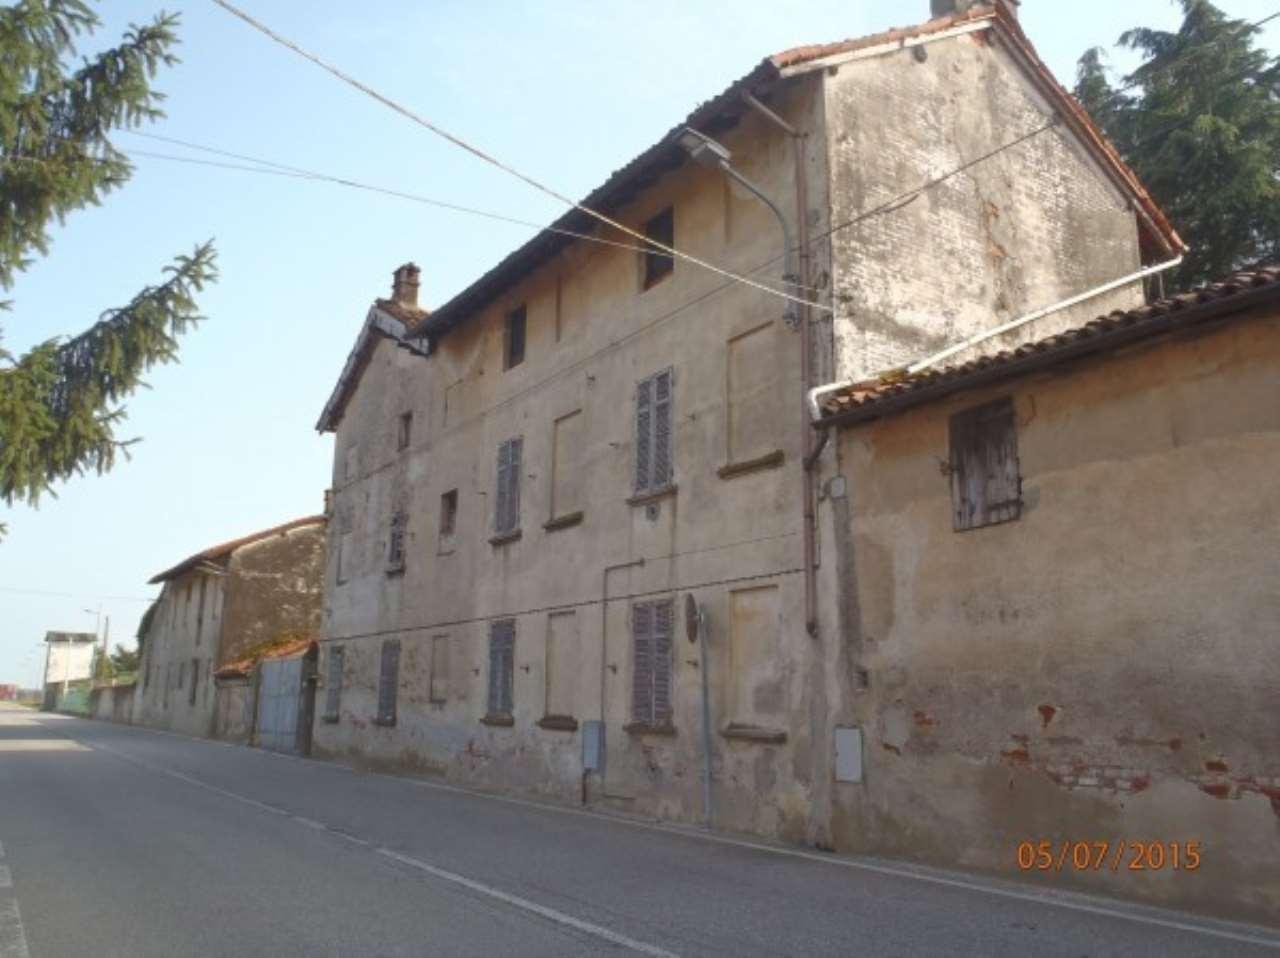 Rustico / Casale in vendita a Castellazzo Novarese, 4 locali, prezzo € 140.000 | CambioCasa.it